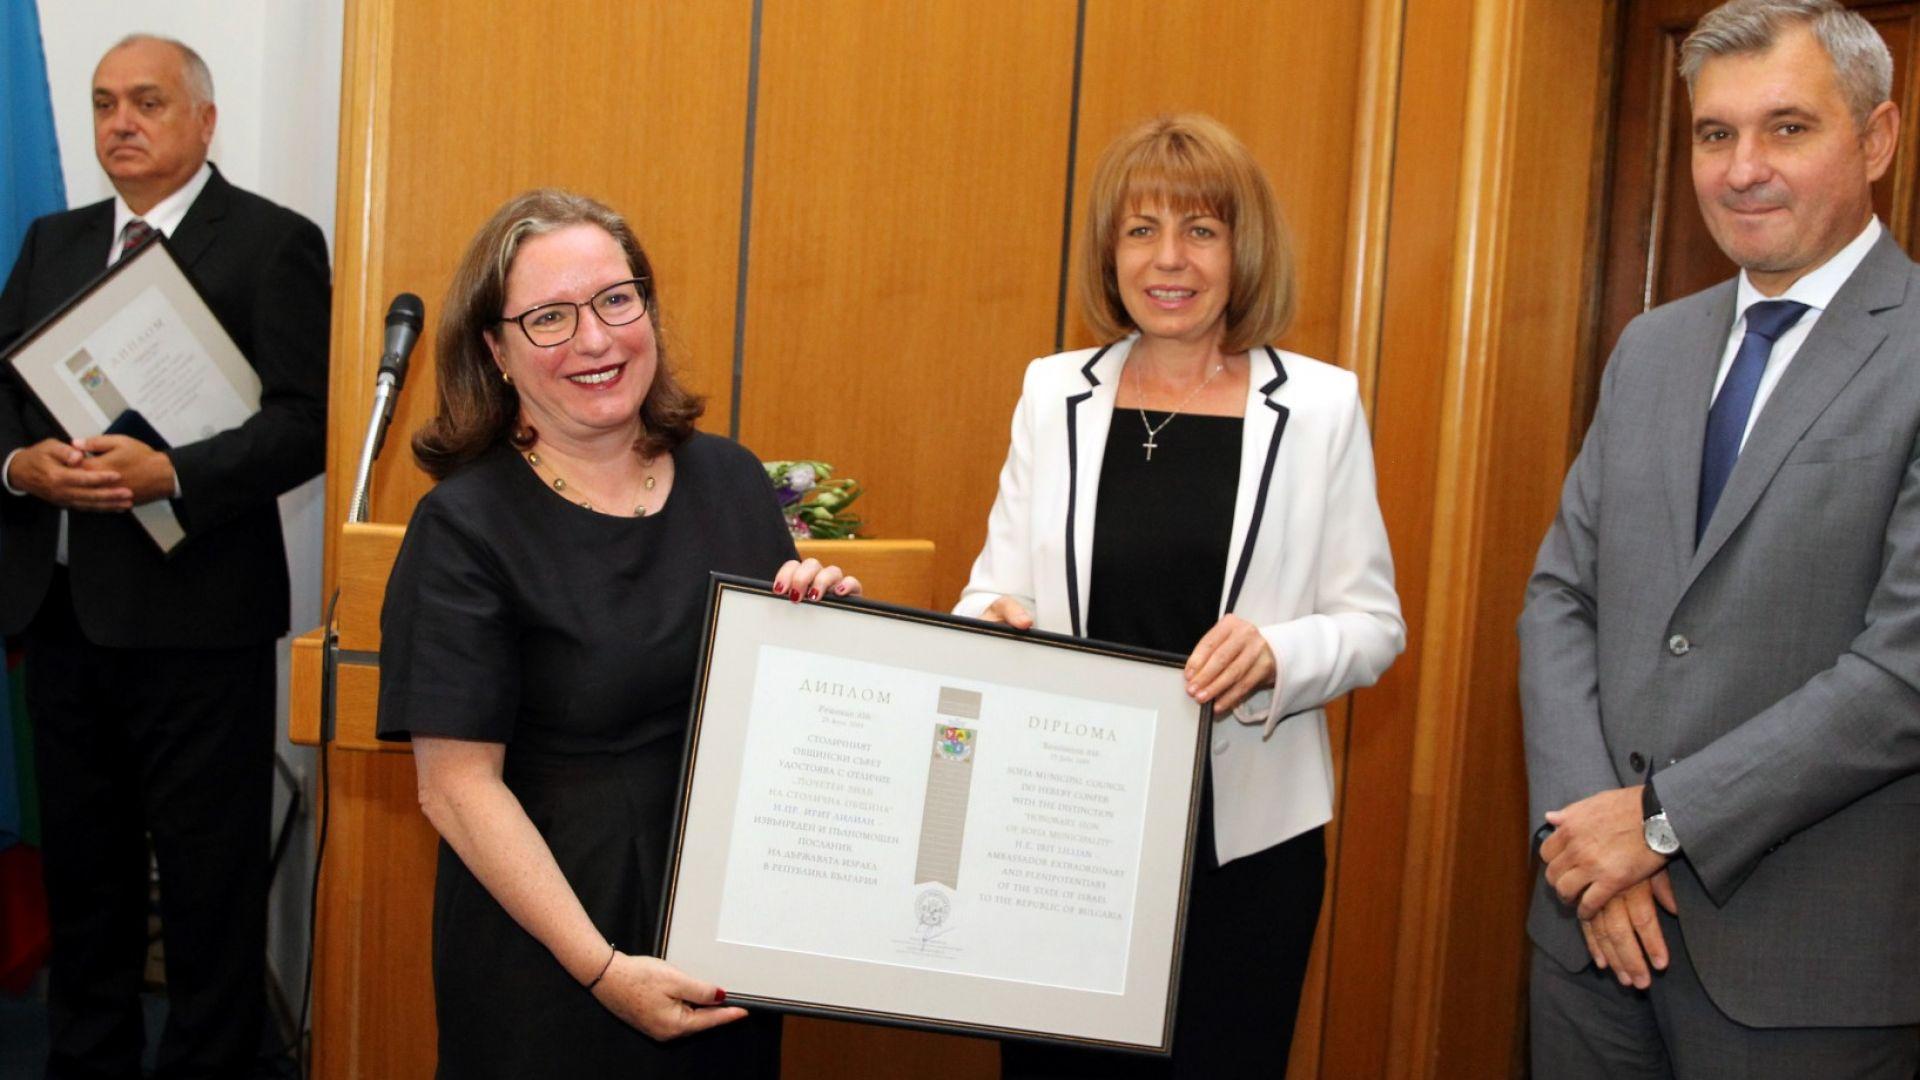 На заседанието Почетен знак на СО получи Ирит Лилиан посланик на Израел